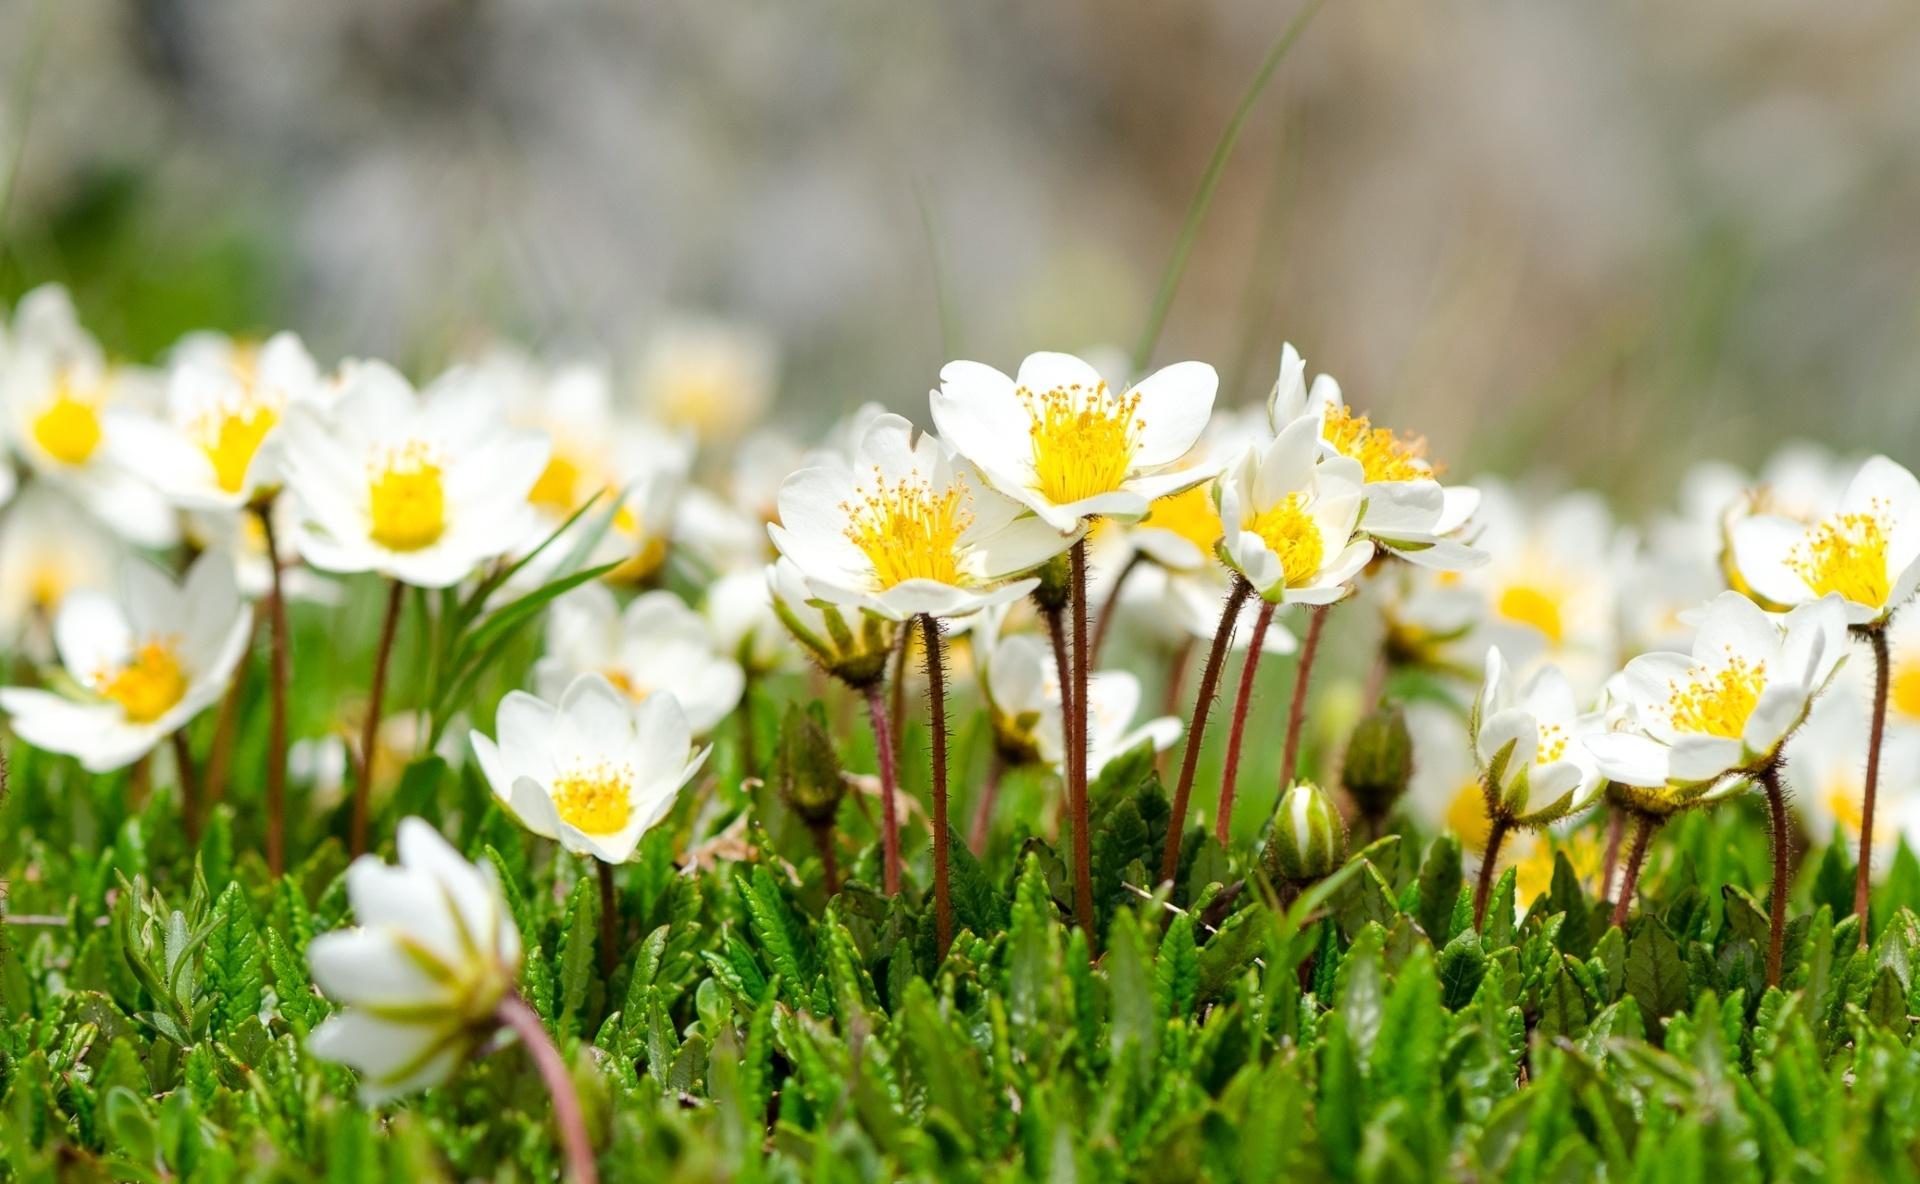 Обои Весна, позитив, макро фото тема. Природа foto 8